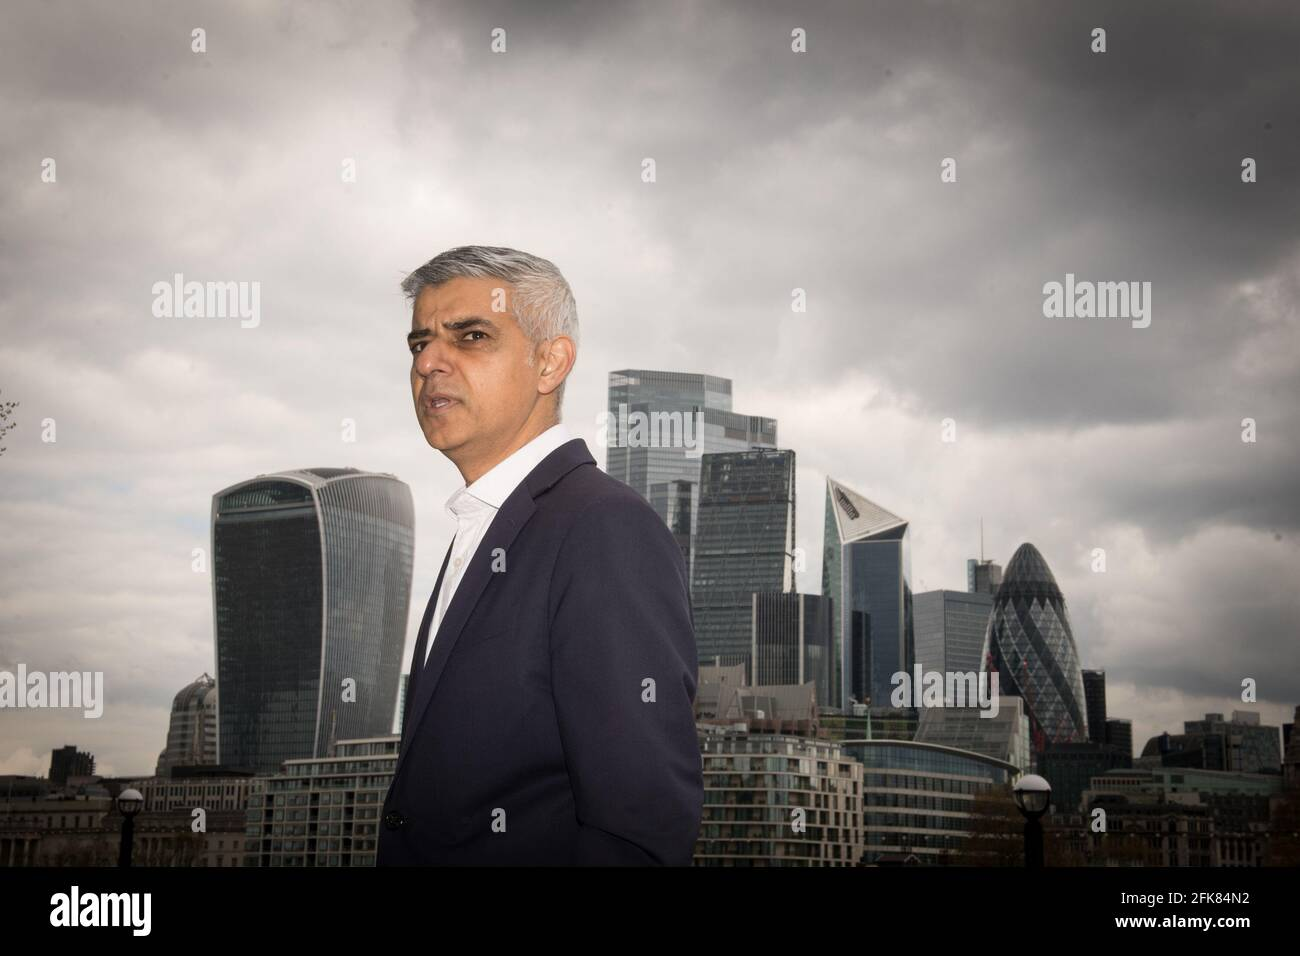 Il sindaco di Londra, Sadiq Khan, vicino al municipio di Londra, dove ha invitato i londinesi a dargli un mandato deciso per spingere per rendite più abbordabili nella capitale. Data foto: Giovedì 29 aprile 2021. Foto Stock